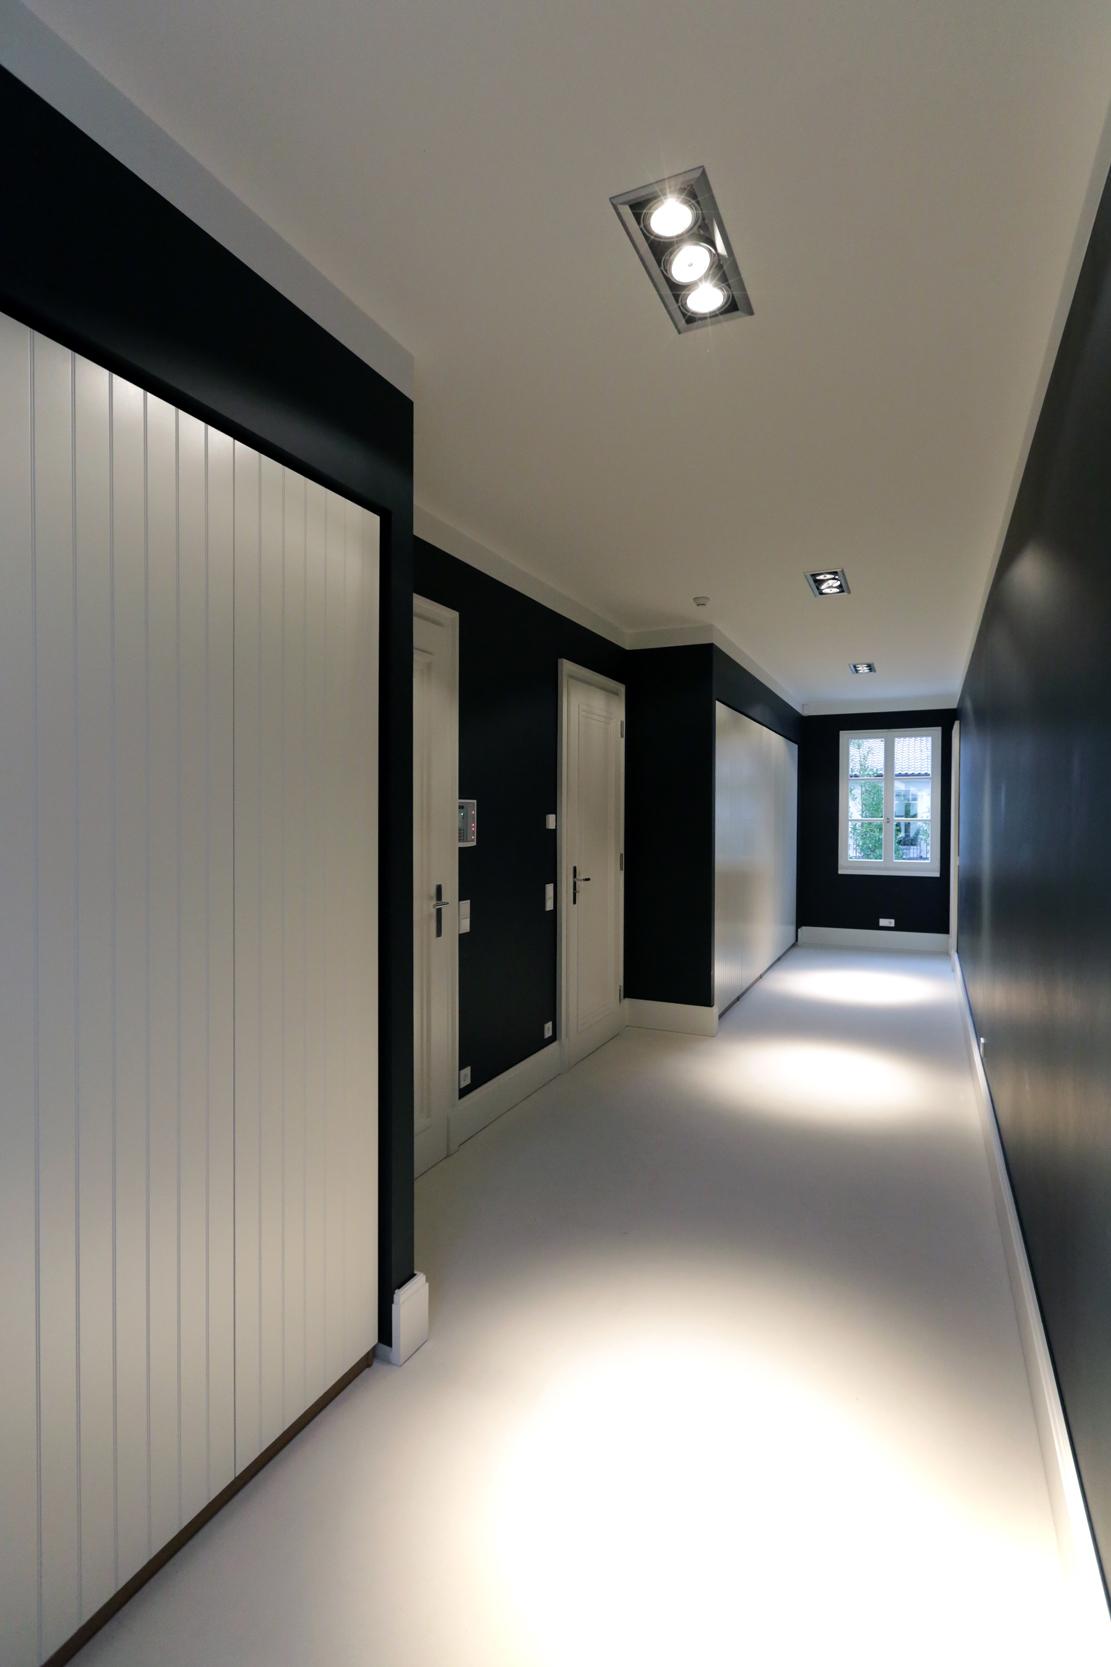 Begehbares Schrankzimmer mit Wandeinbauten - Klassizistische Villa